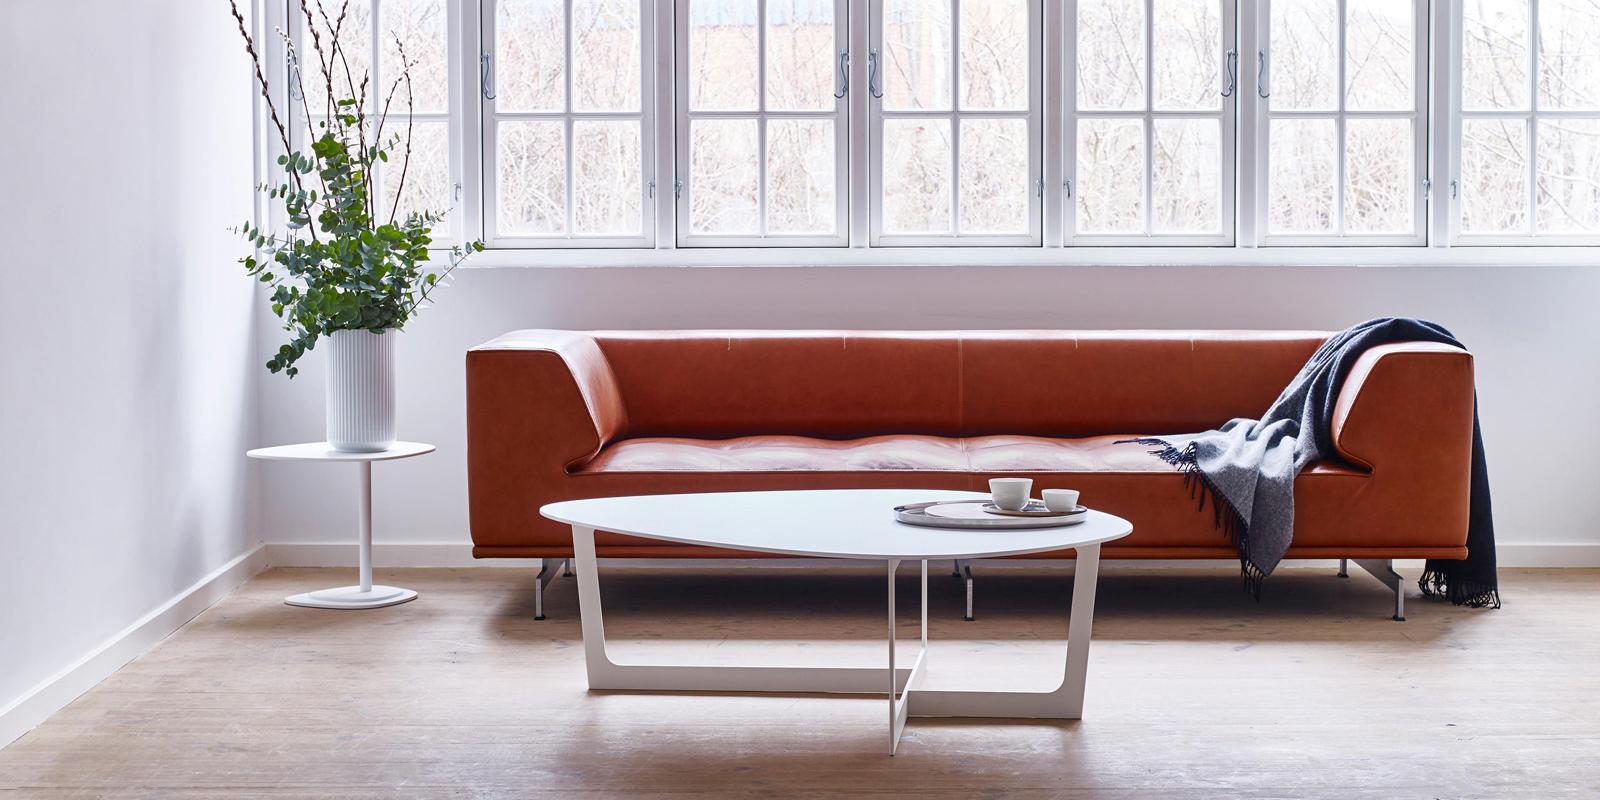 Miljøbilde av Insula sofabord